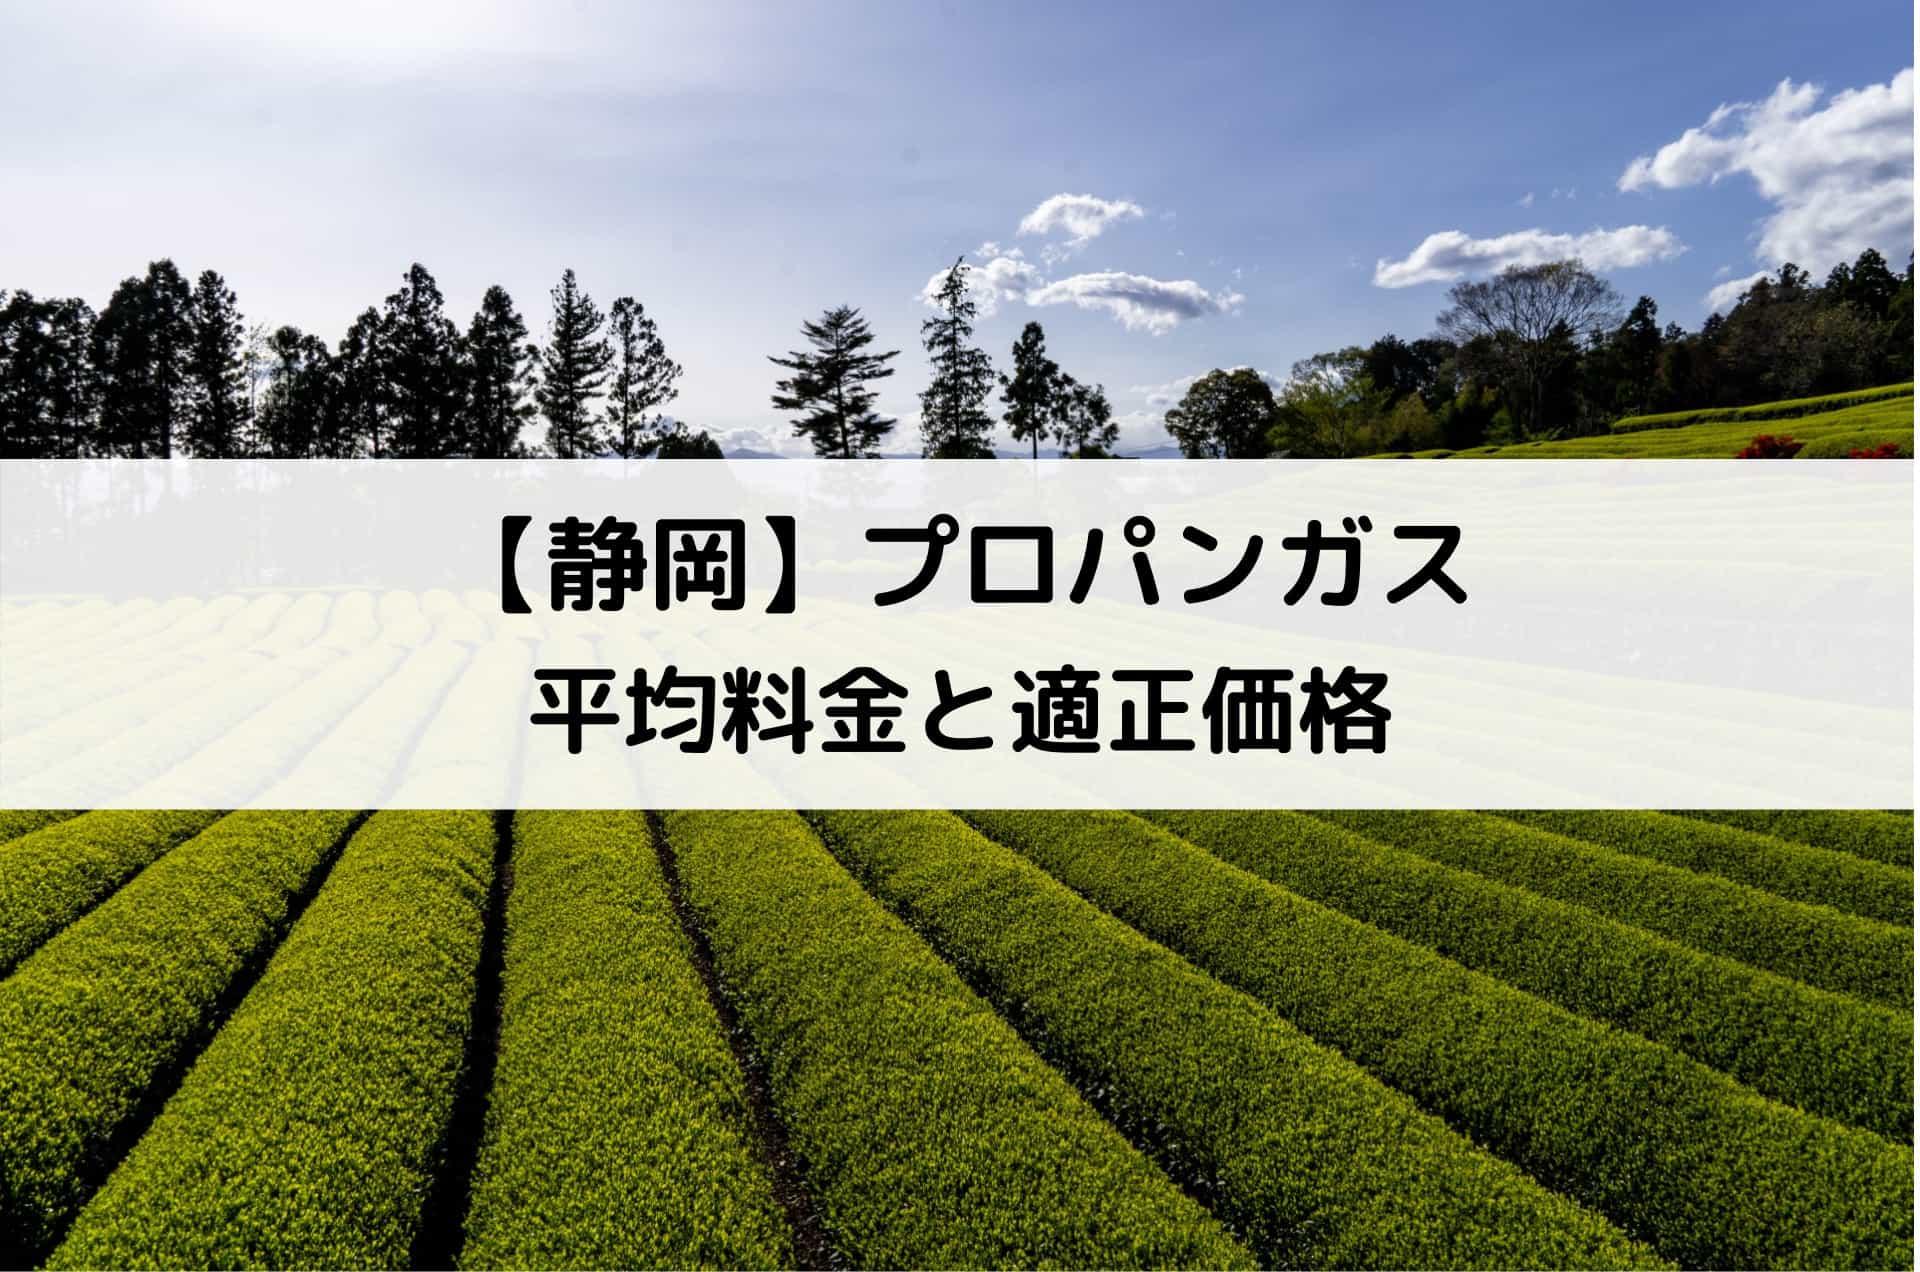 【静岡】プロパンガス(LPガス)の平均料金と適正価格|安く利用できるガス会社は?